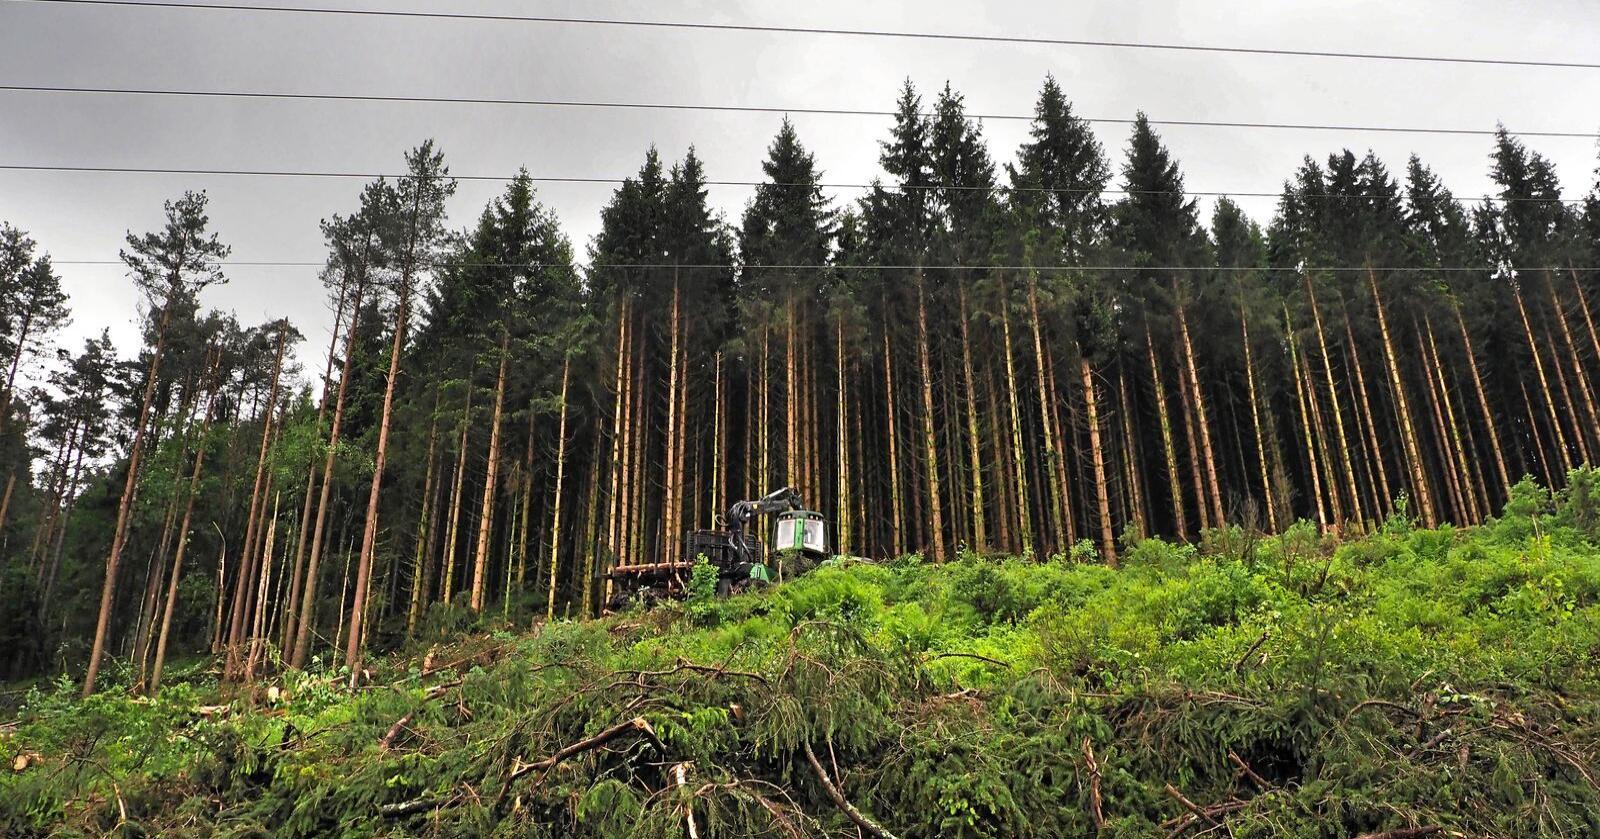 Framskrivinger fra regjeringen viser at CO2-opptaket i skogen vil gå nedover det neste tiåret. Foto: Siri Juell Rasmussen